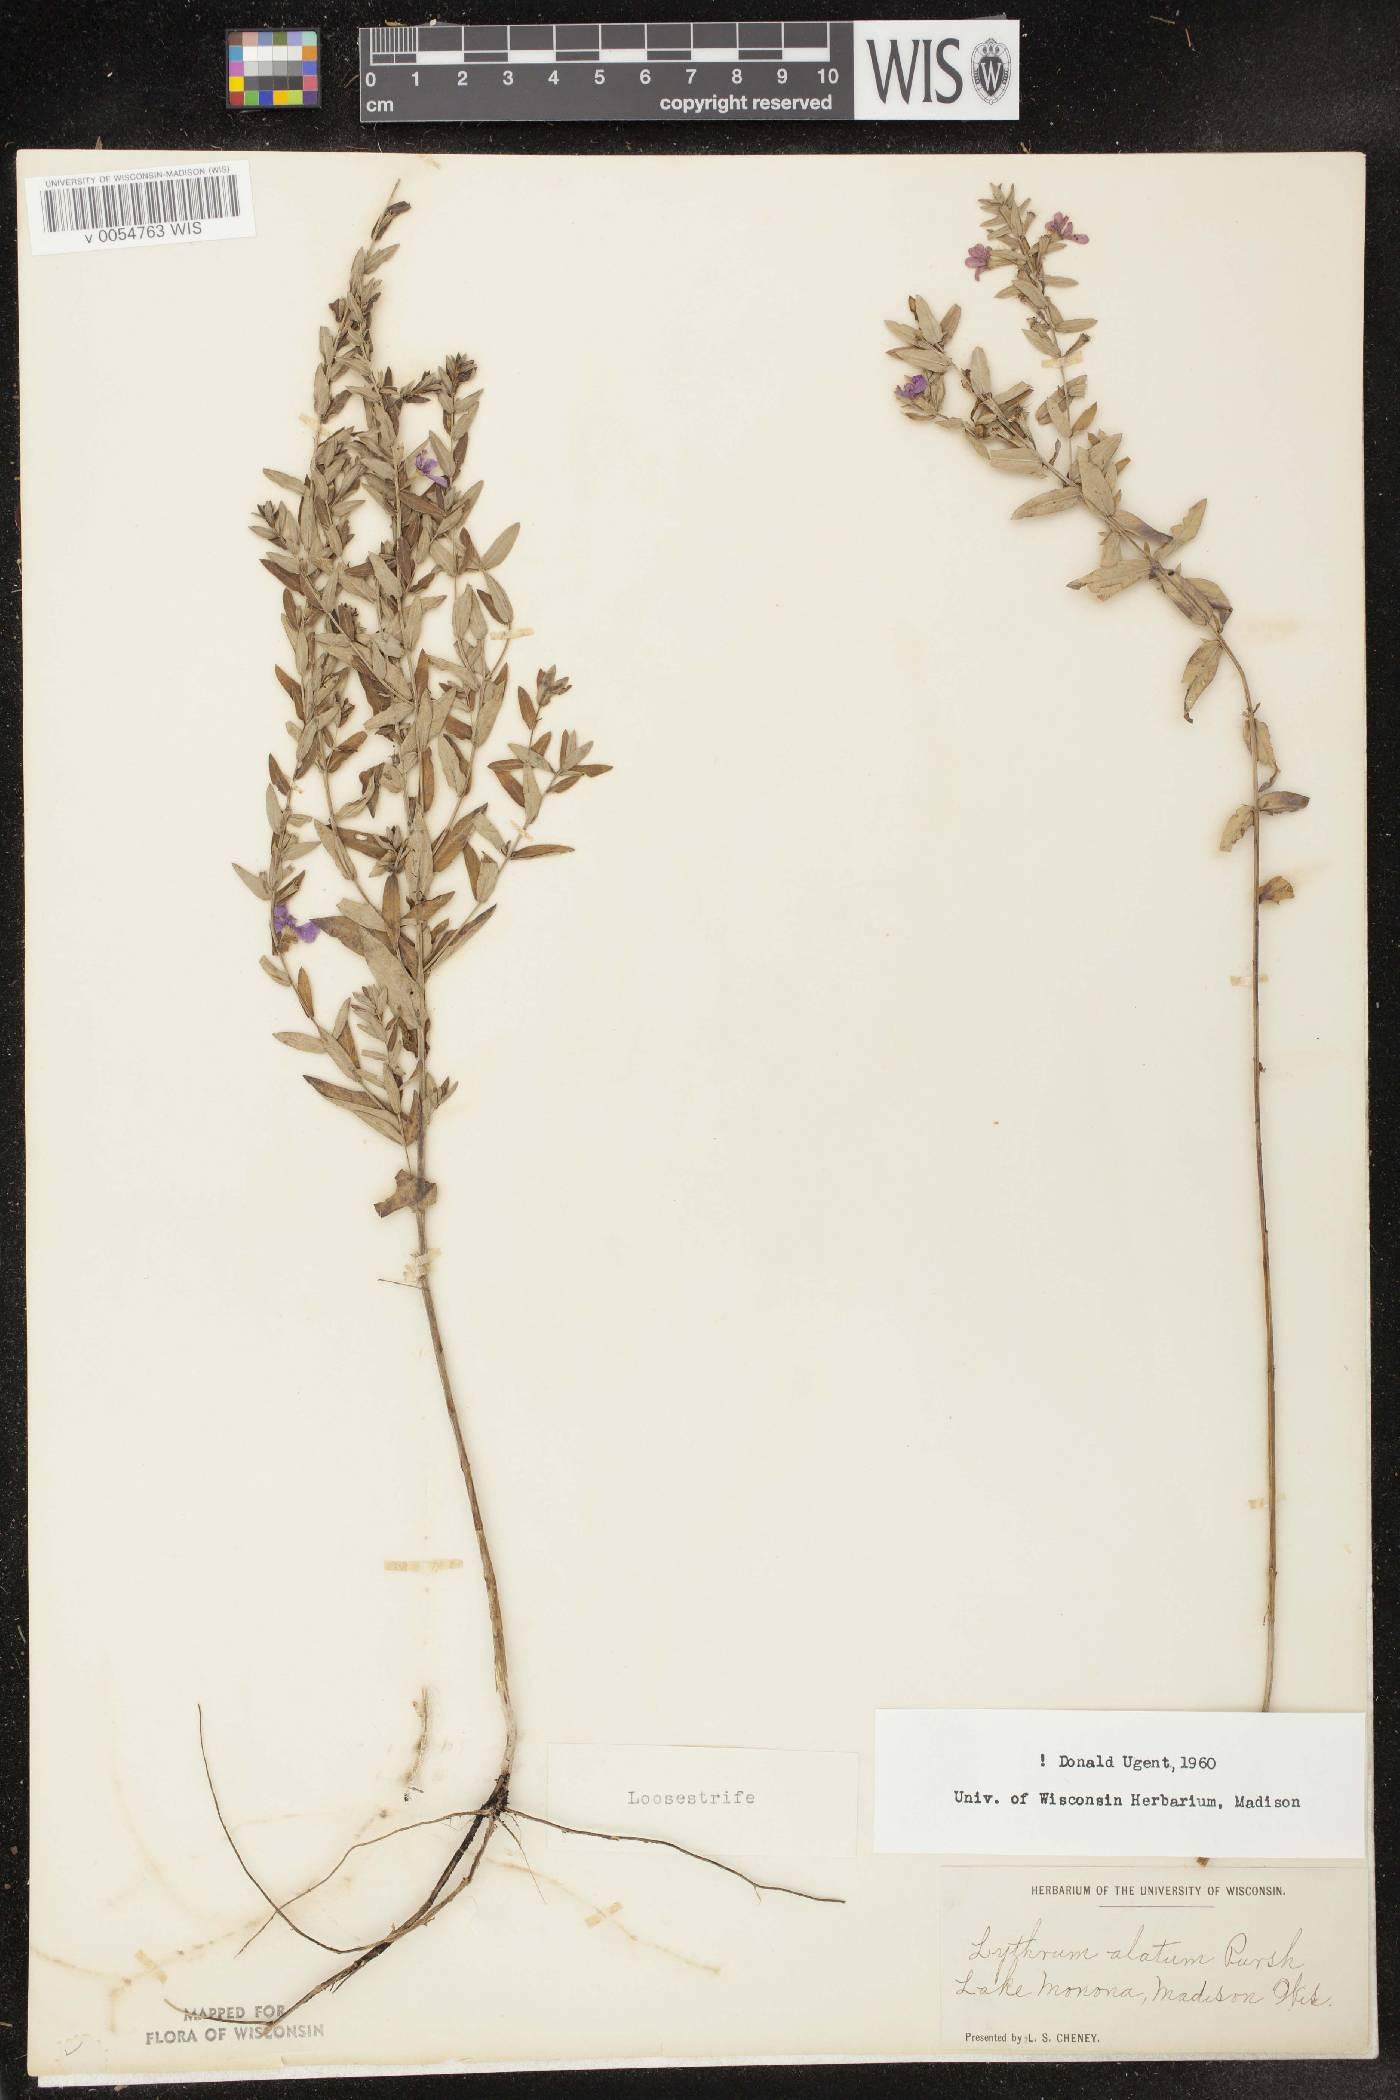 Lythrum alatum var. alatum image